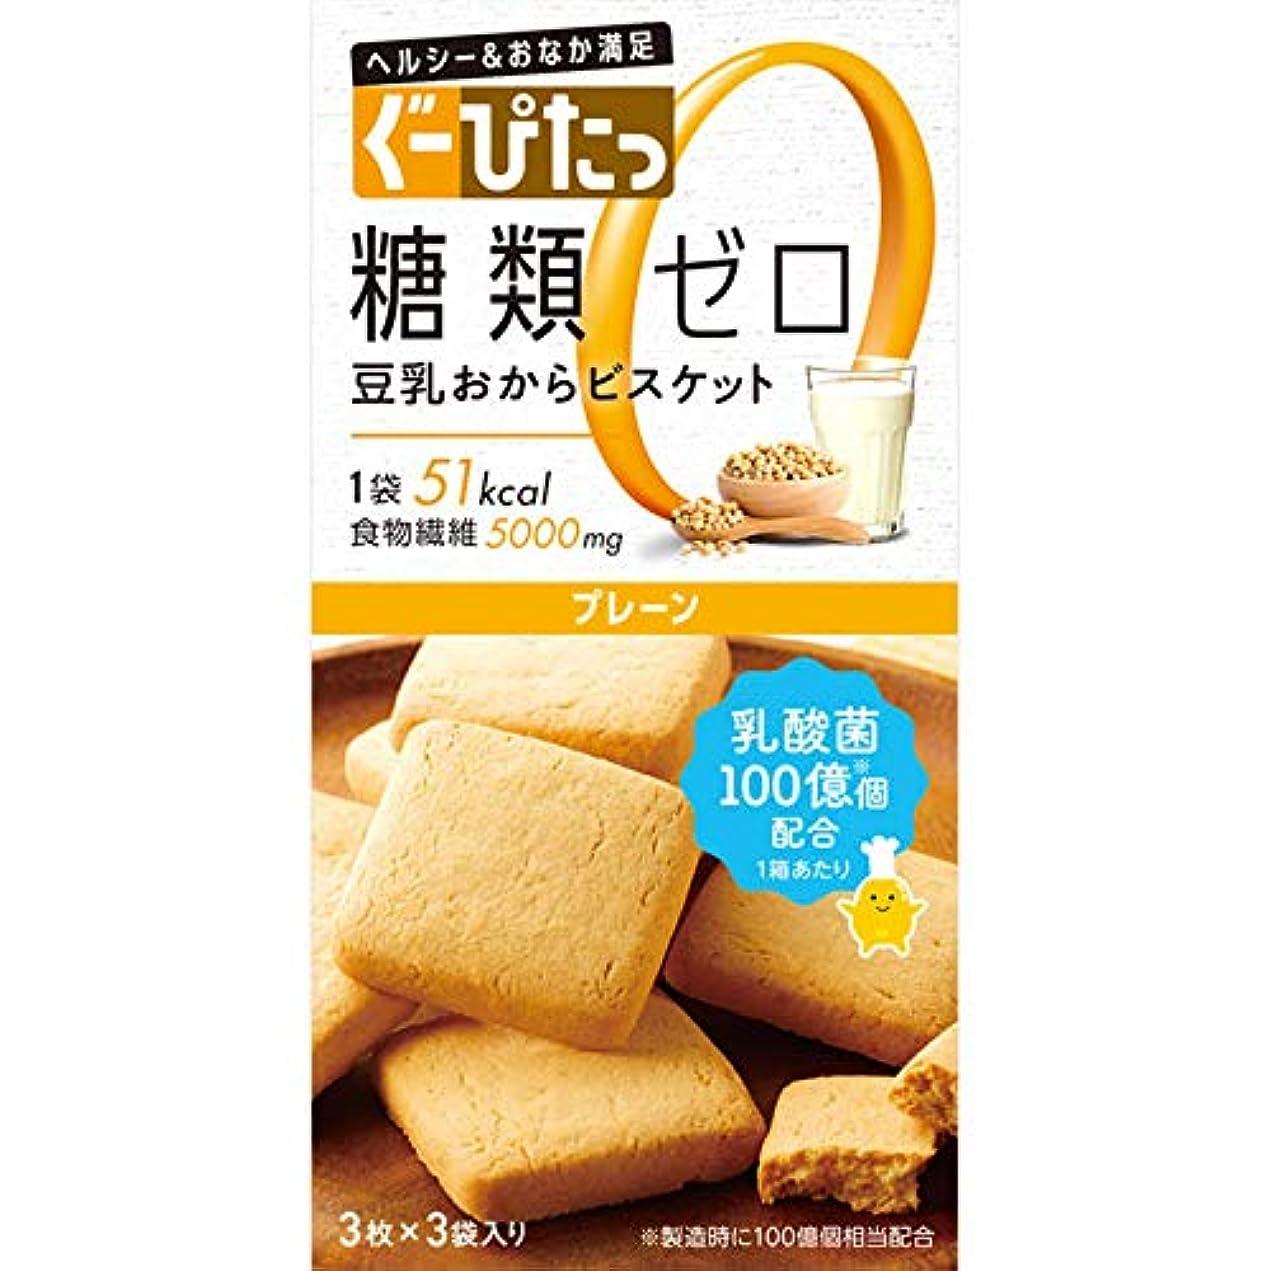 対立コート器官ナリスアップ ぐーぴたっ 豆乳おからビスケット プレーン (3枚×3袋) ダイエット食品